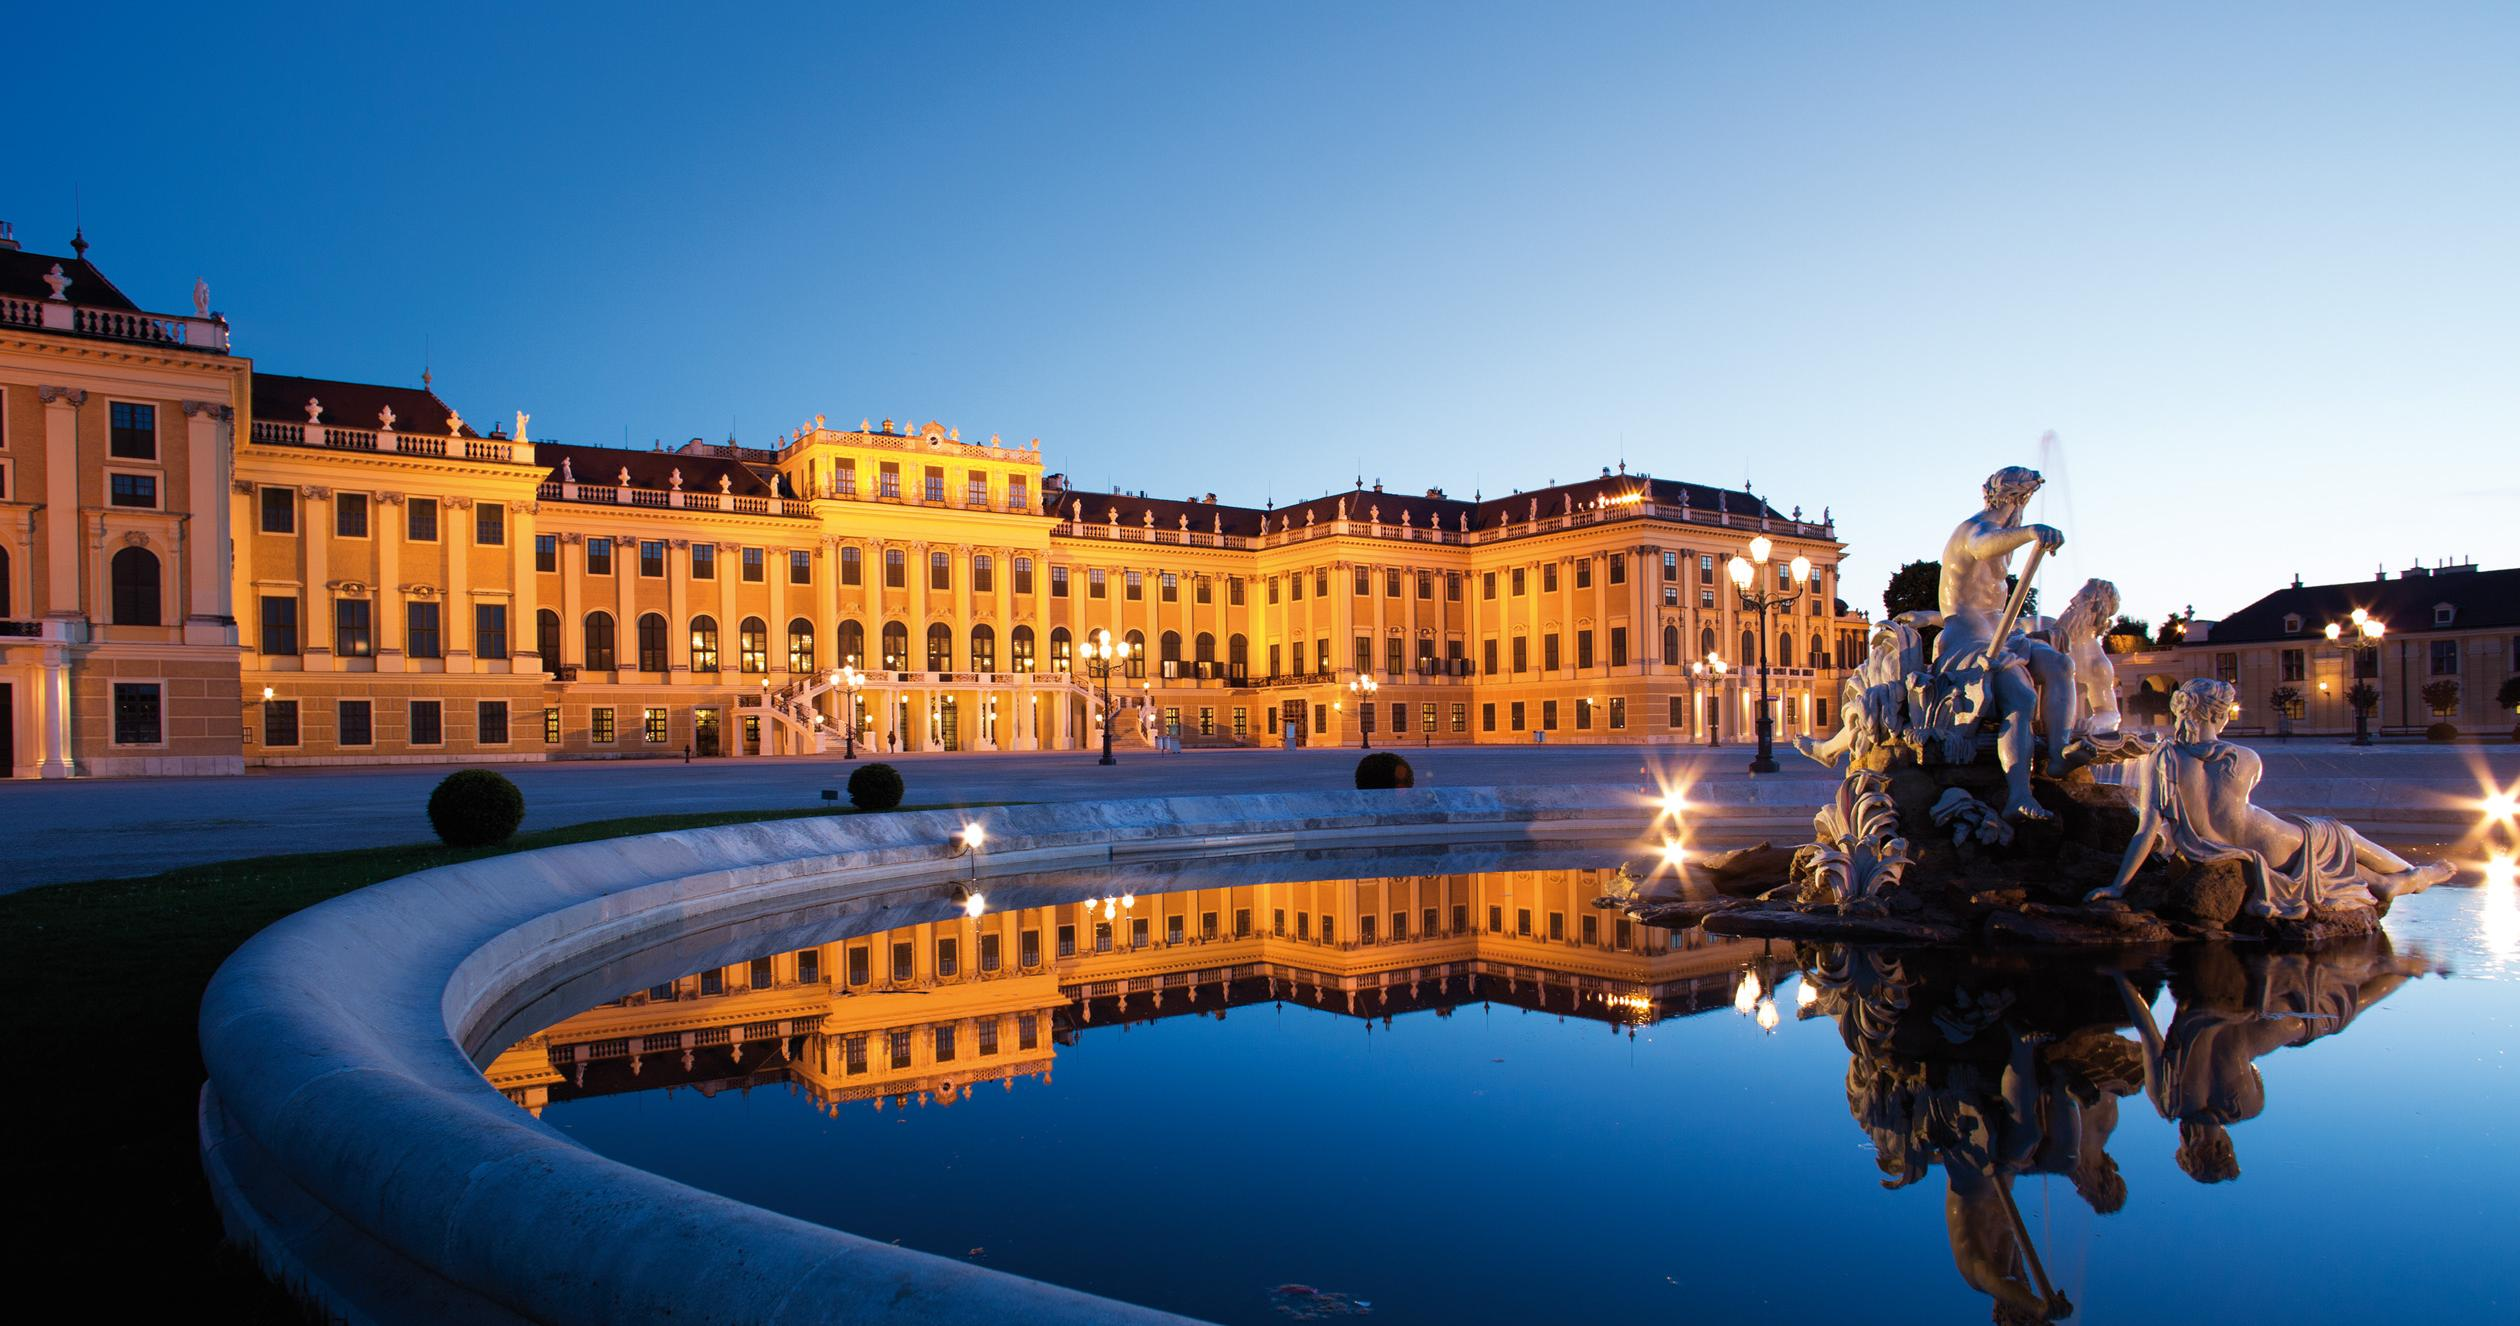 З Вінниці до Відня відкрили новий автобусний маршрут